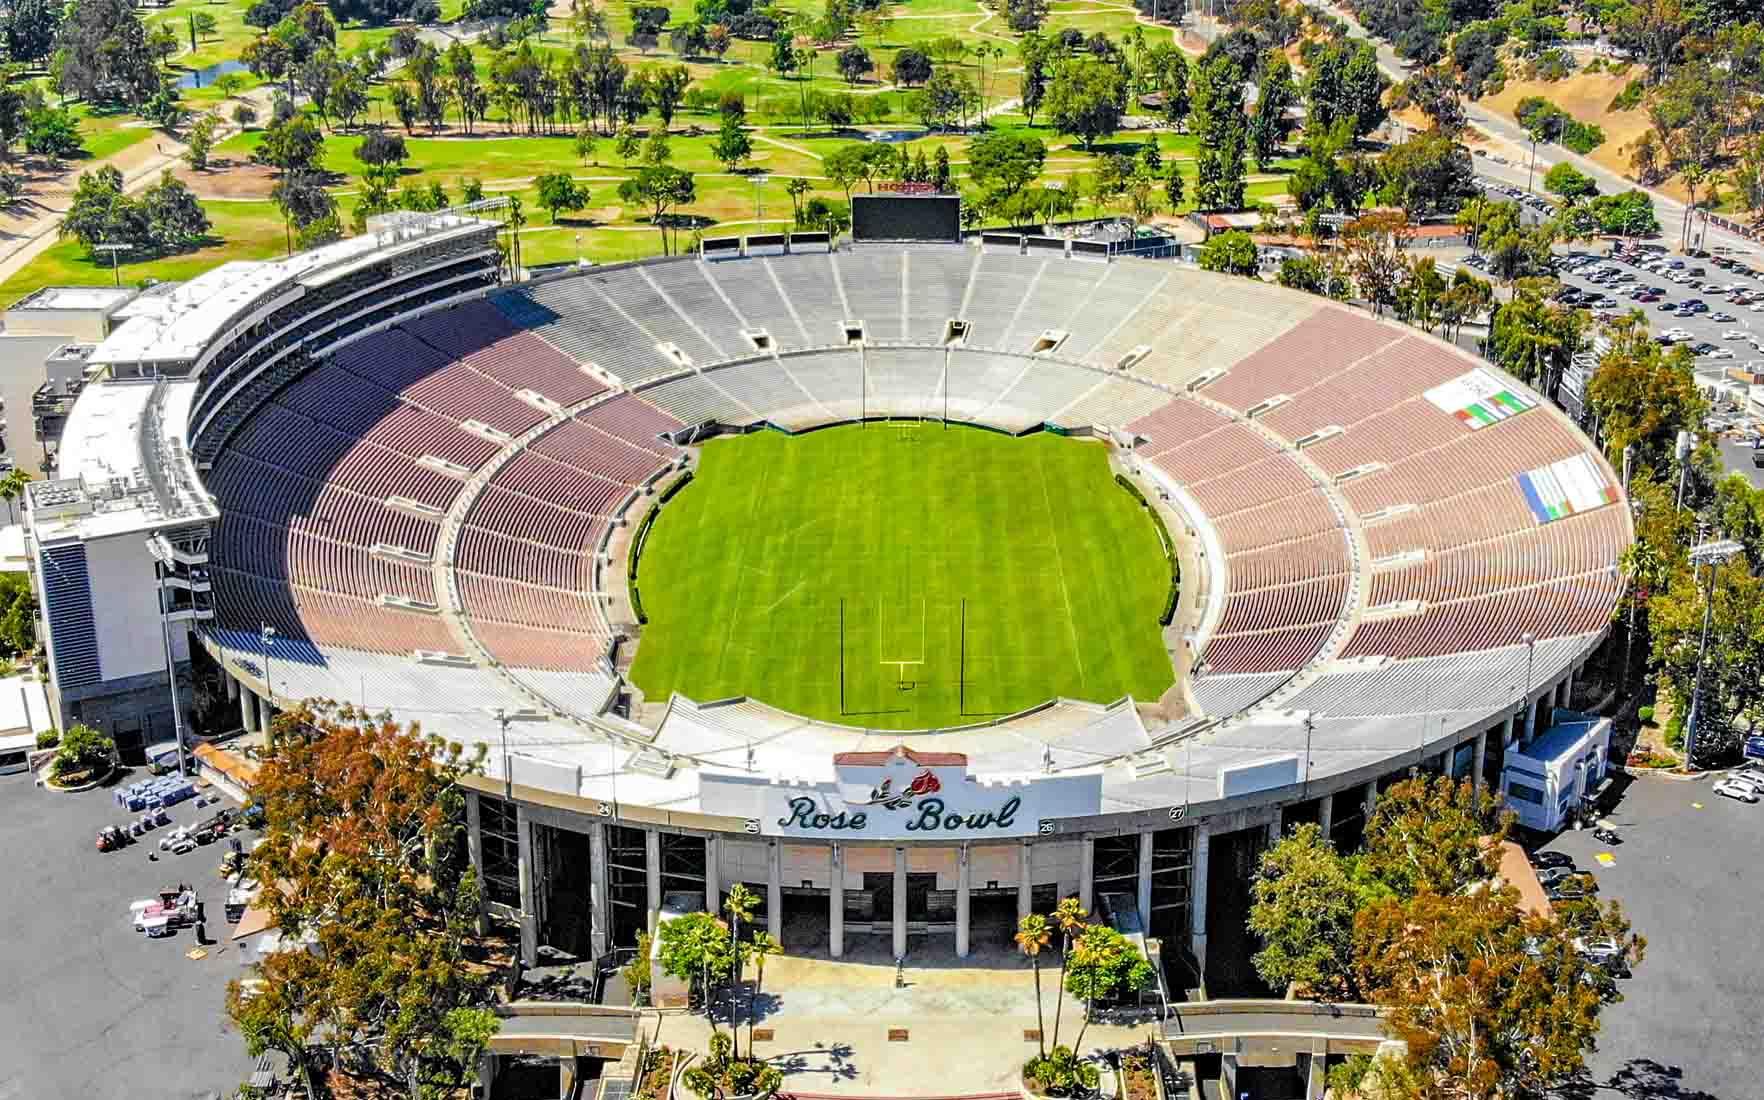 Sân bóng đá The Rose Bowl của Mỹ là một trong top 10 sân bóng đá lớn nhất thế giới